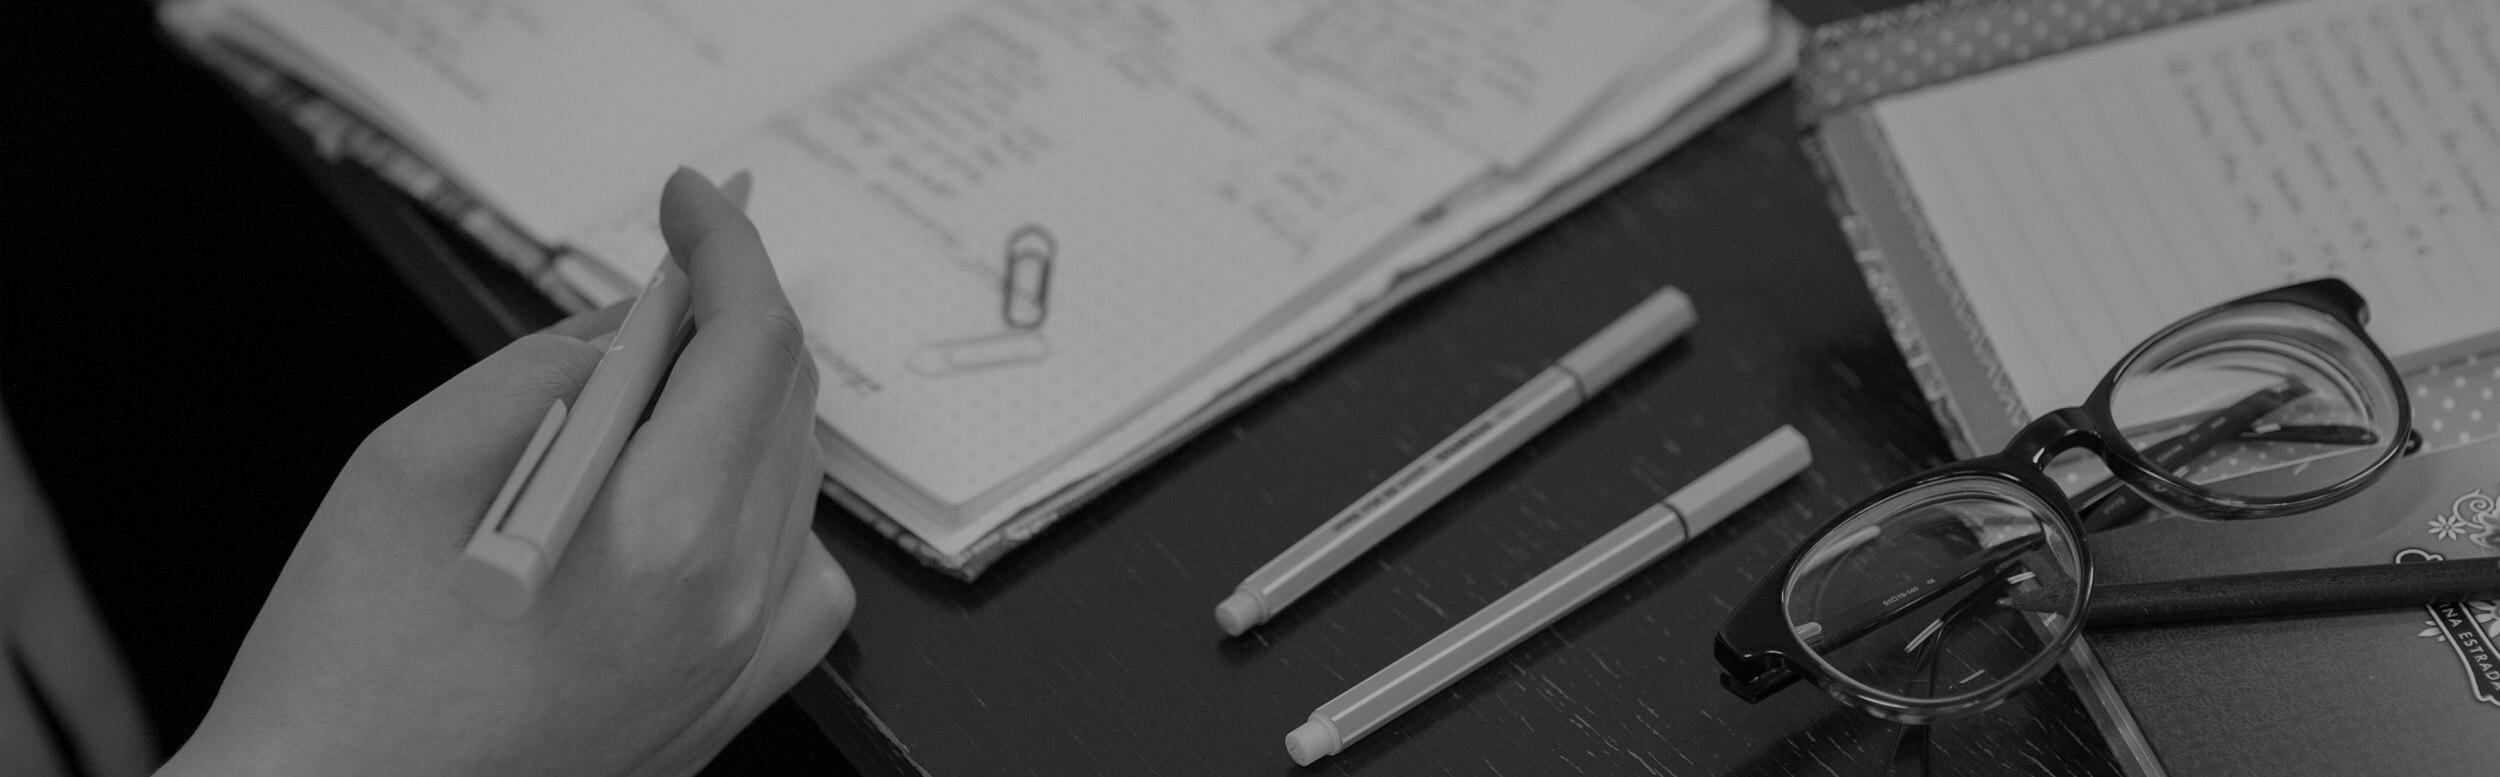 Ženská ruka píše okuliare na stole zápisníky